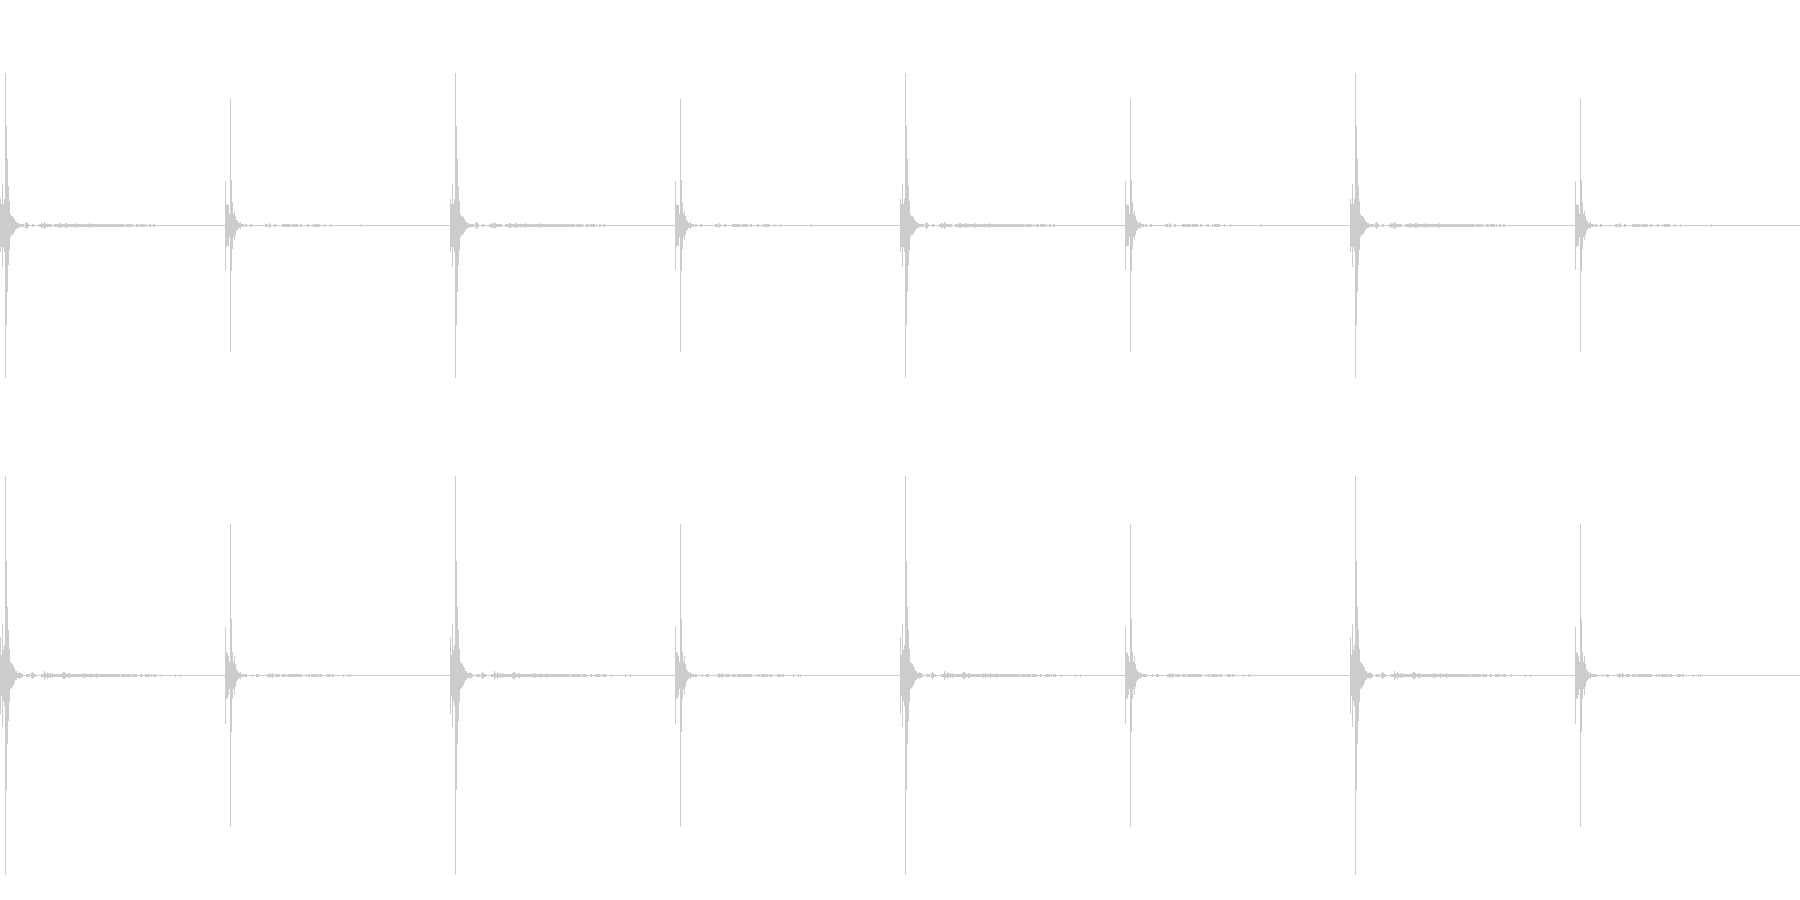 時計、タイマー、ストップウォッチ_C_7の未再生の波形